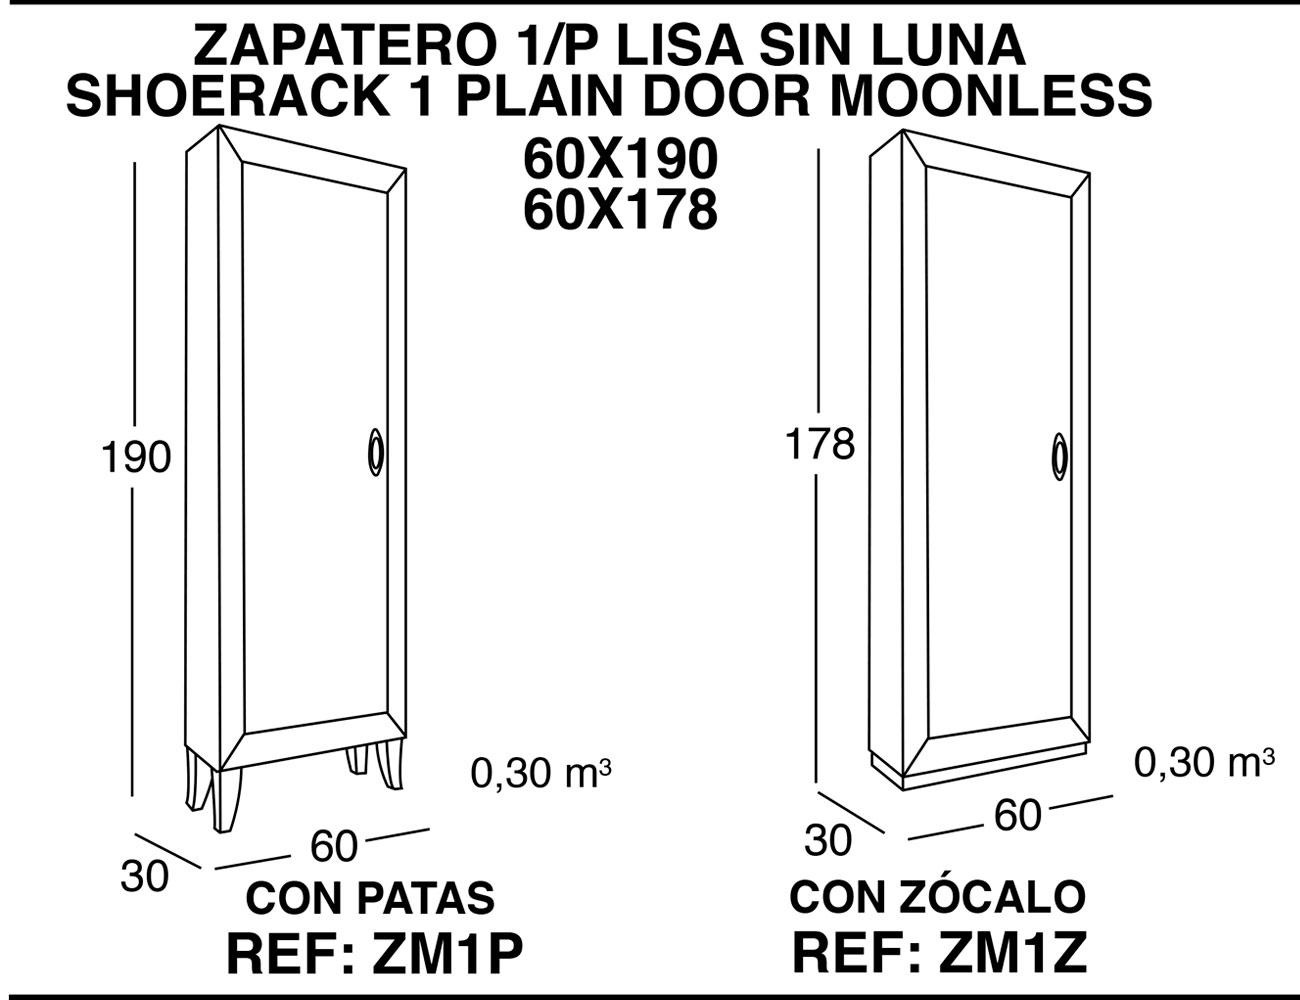 Zapatero 1p lisa sin luna